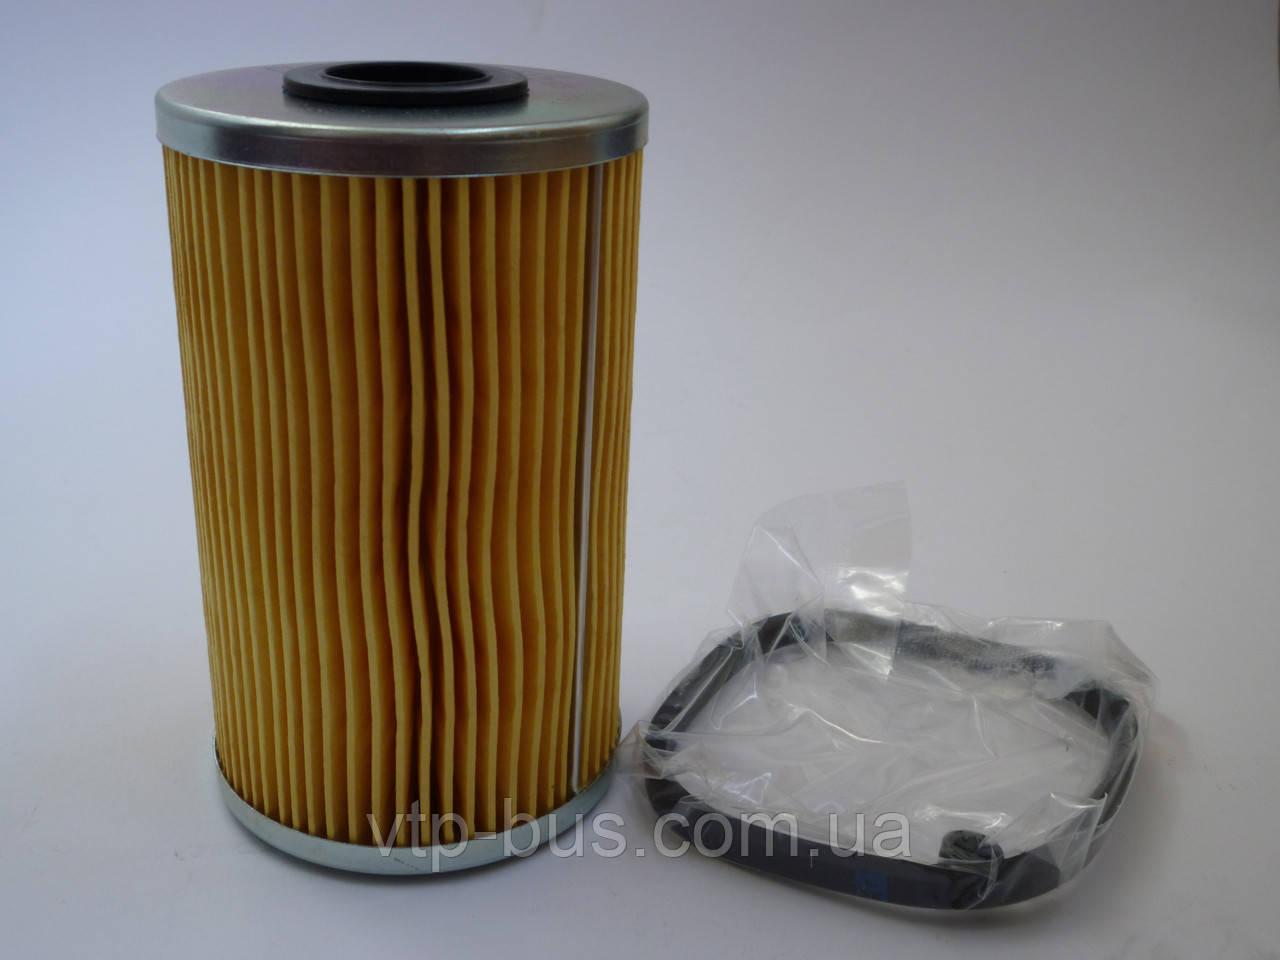 Топливный фильтр на Renault Trafic / Opel Vivaro 1.9dCi / 2.0dCi / 2.5dCi с 2001... Champion (США), L415